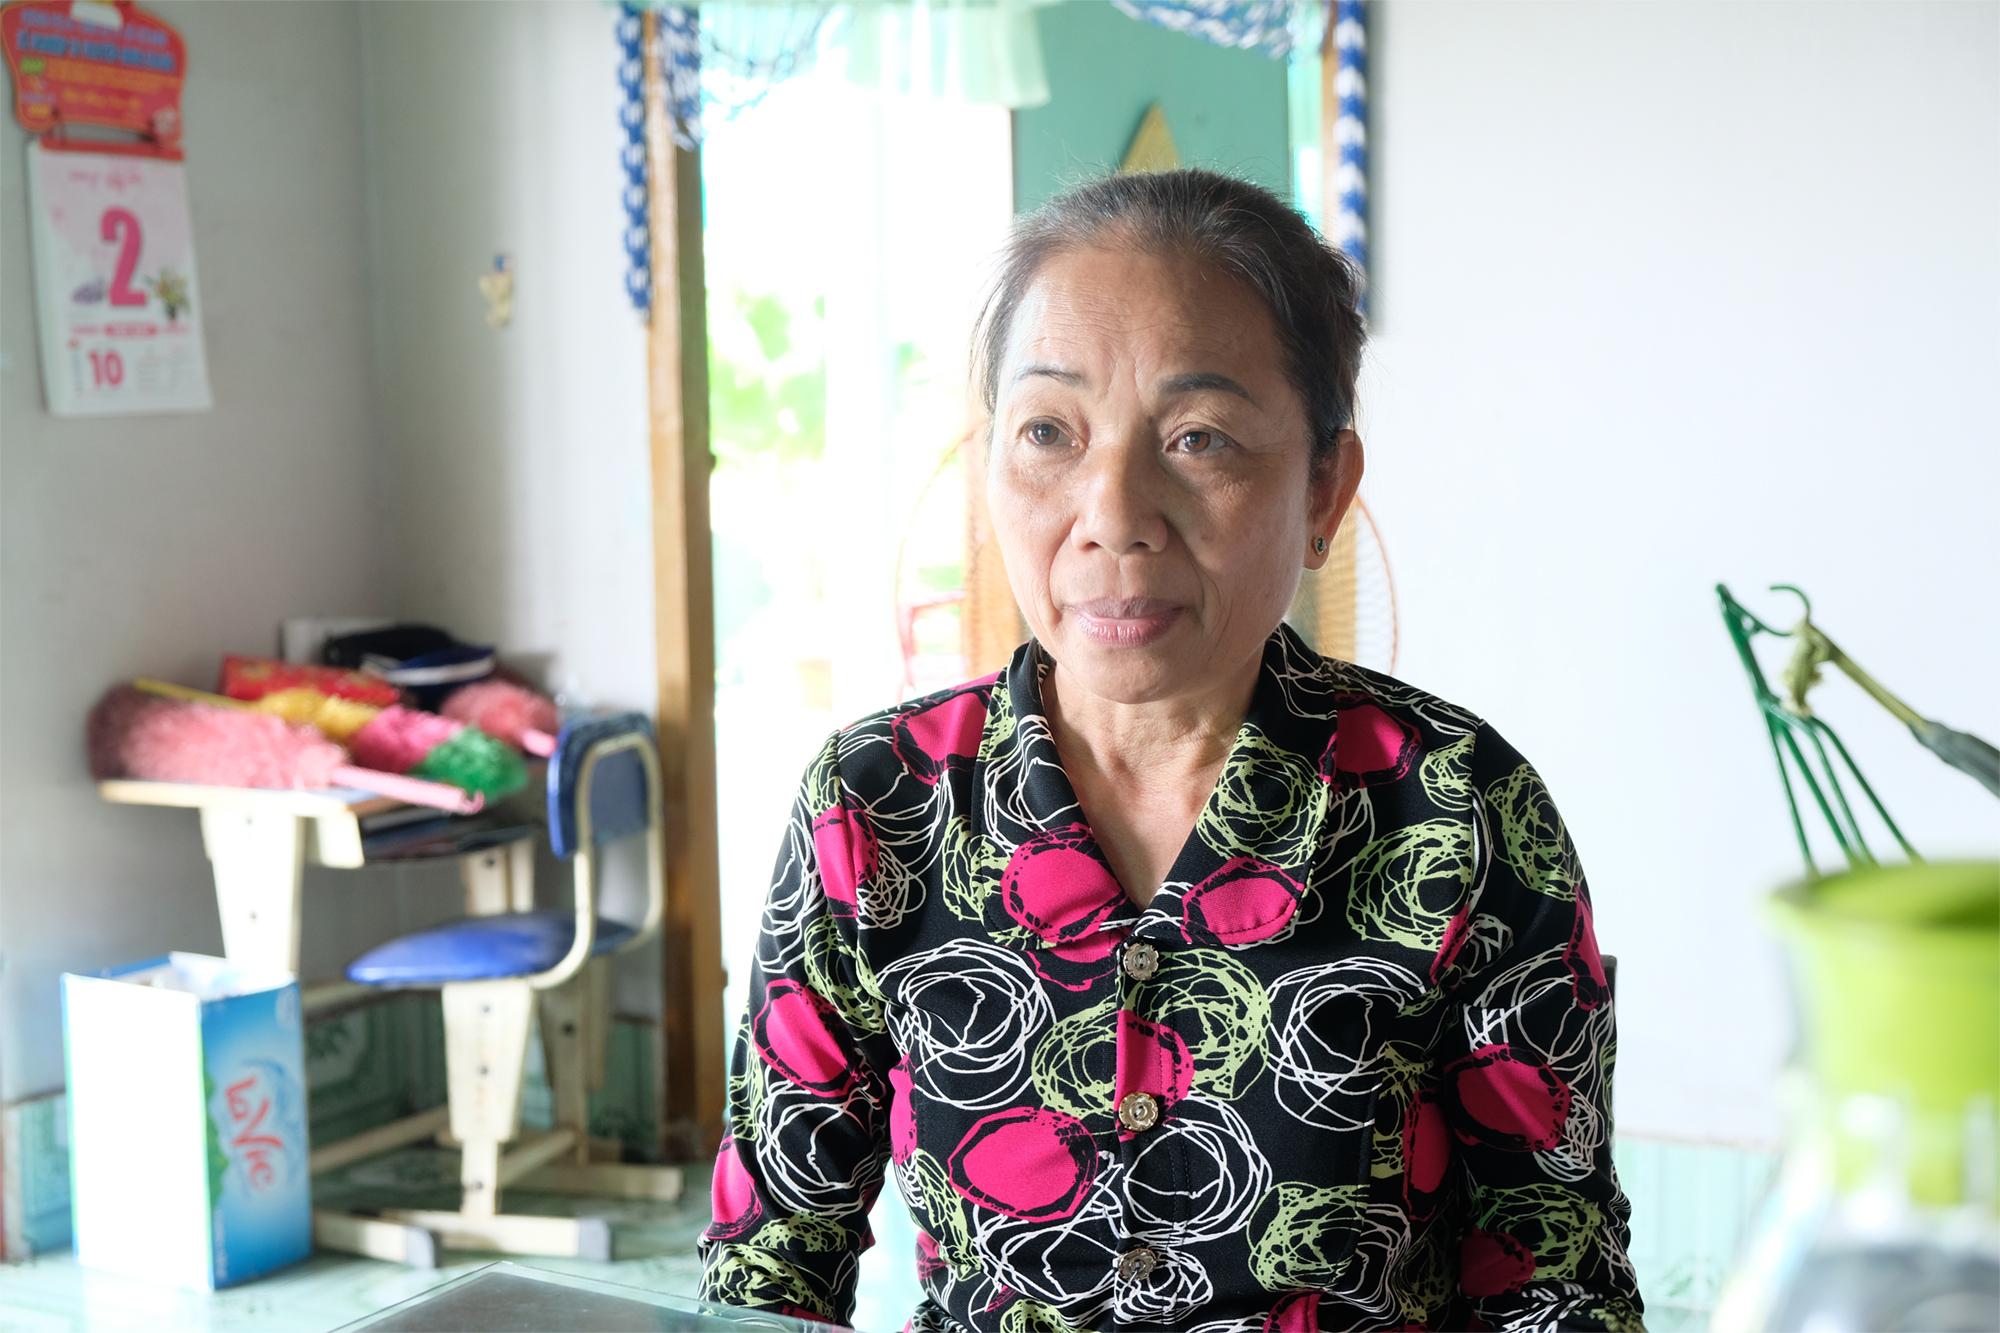 """Bà Nguyễn Thị Loan cho biết, sau phiên tòa 6 - 8/5 tới, """"nhứt định Hải sẽ được thả tự do, cả nhà đang đợi Hải về, để cất nhà, ổn định cuộc sống"""